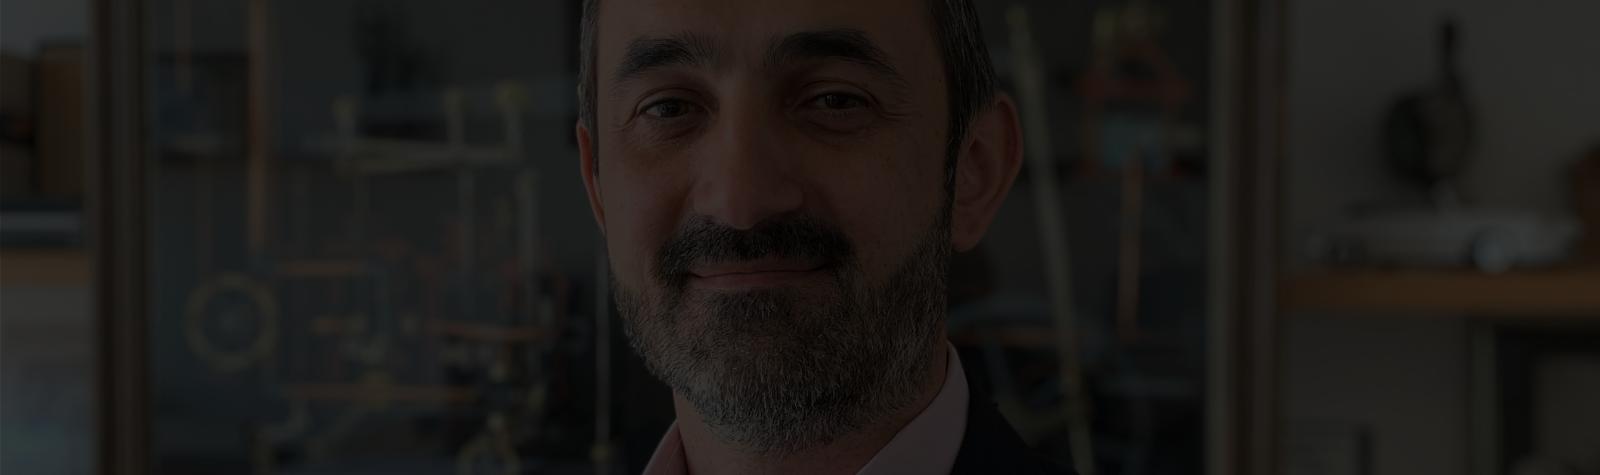 Le Groupe PANHARD annonce l'arrivée d'Édouard MATEOS en tant que Directeur adjoint des études – Pôle Logement